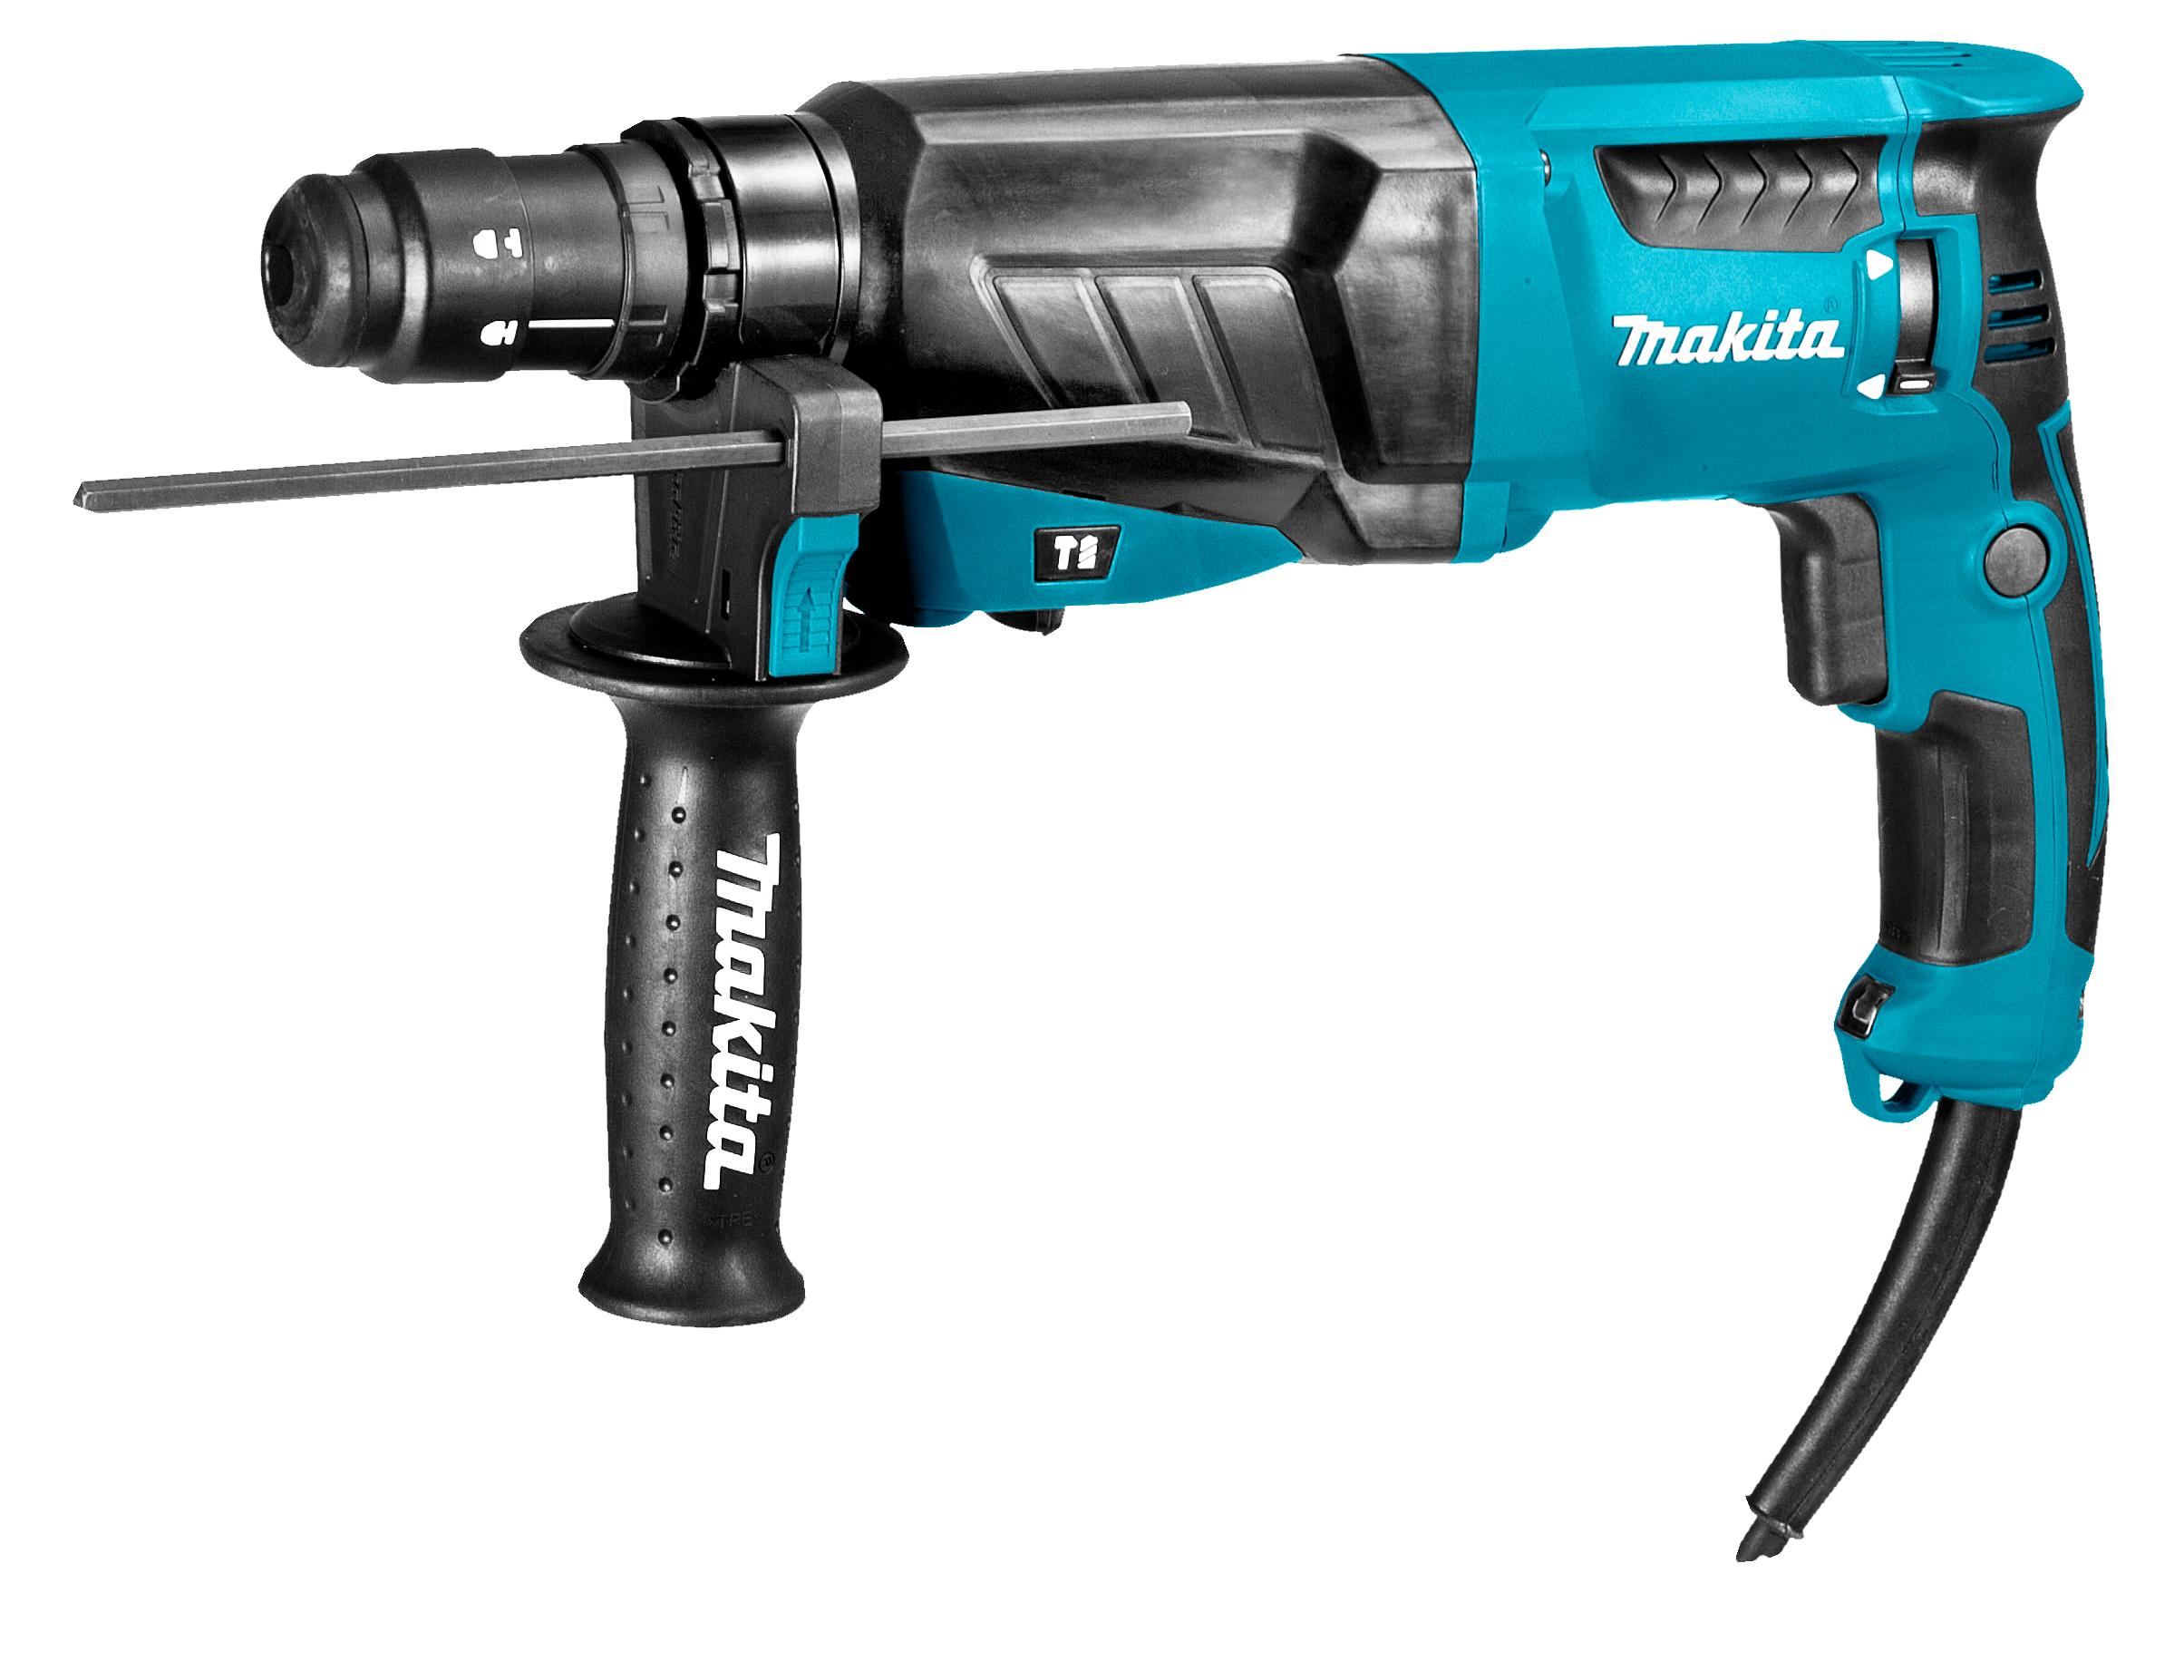 Makita HR2630 110V Rotary Hammer Drill